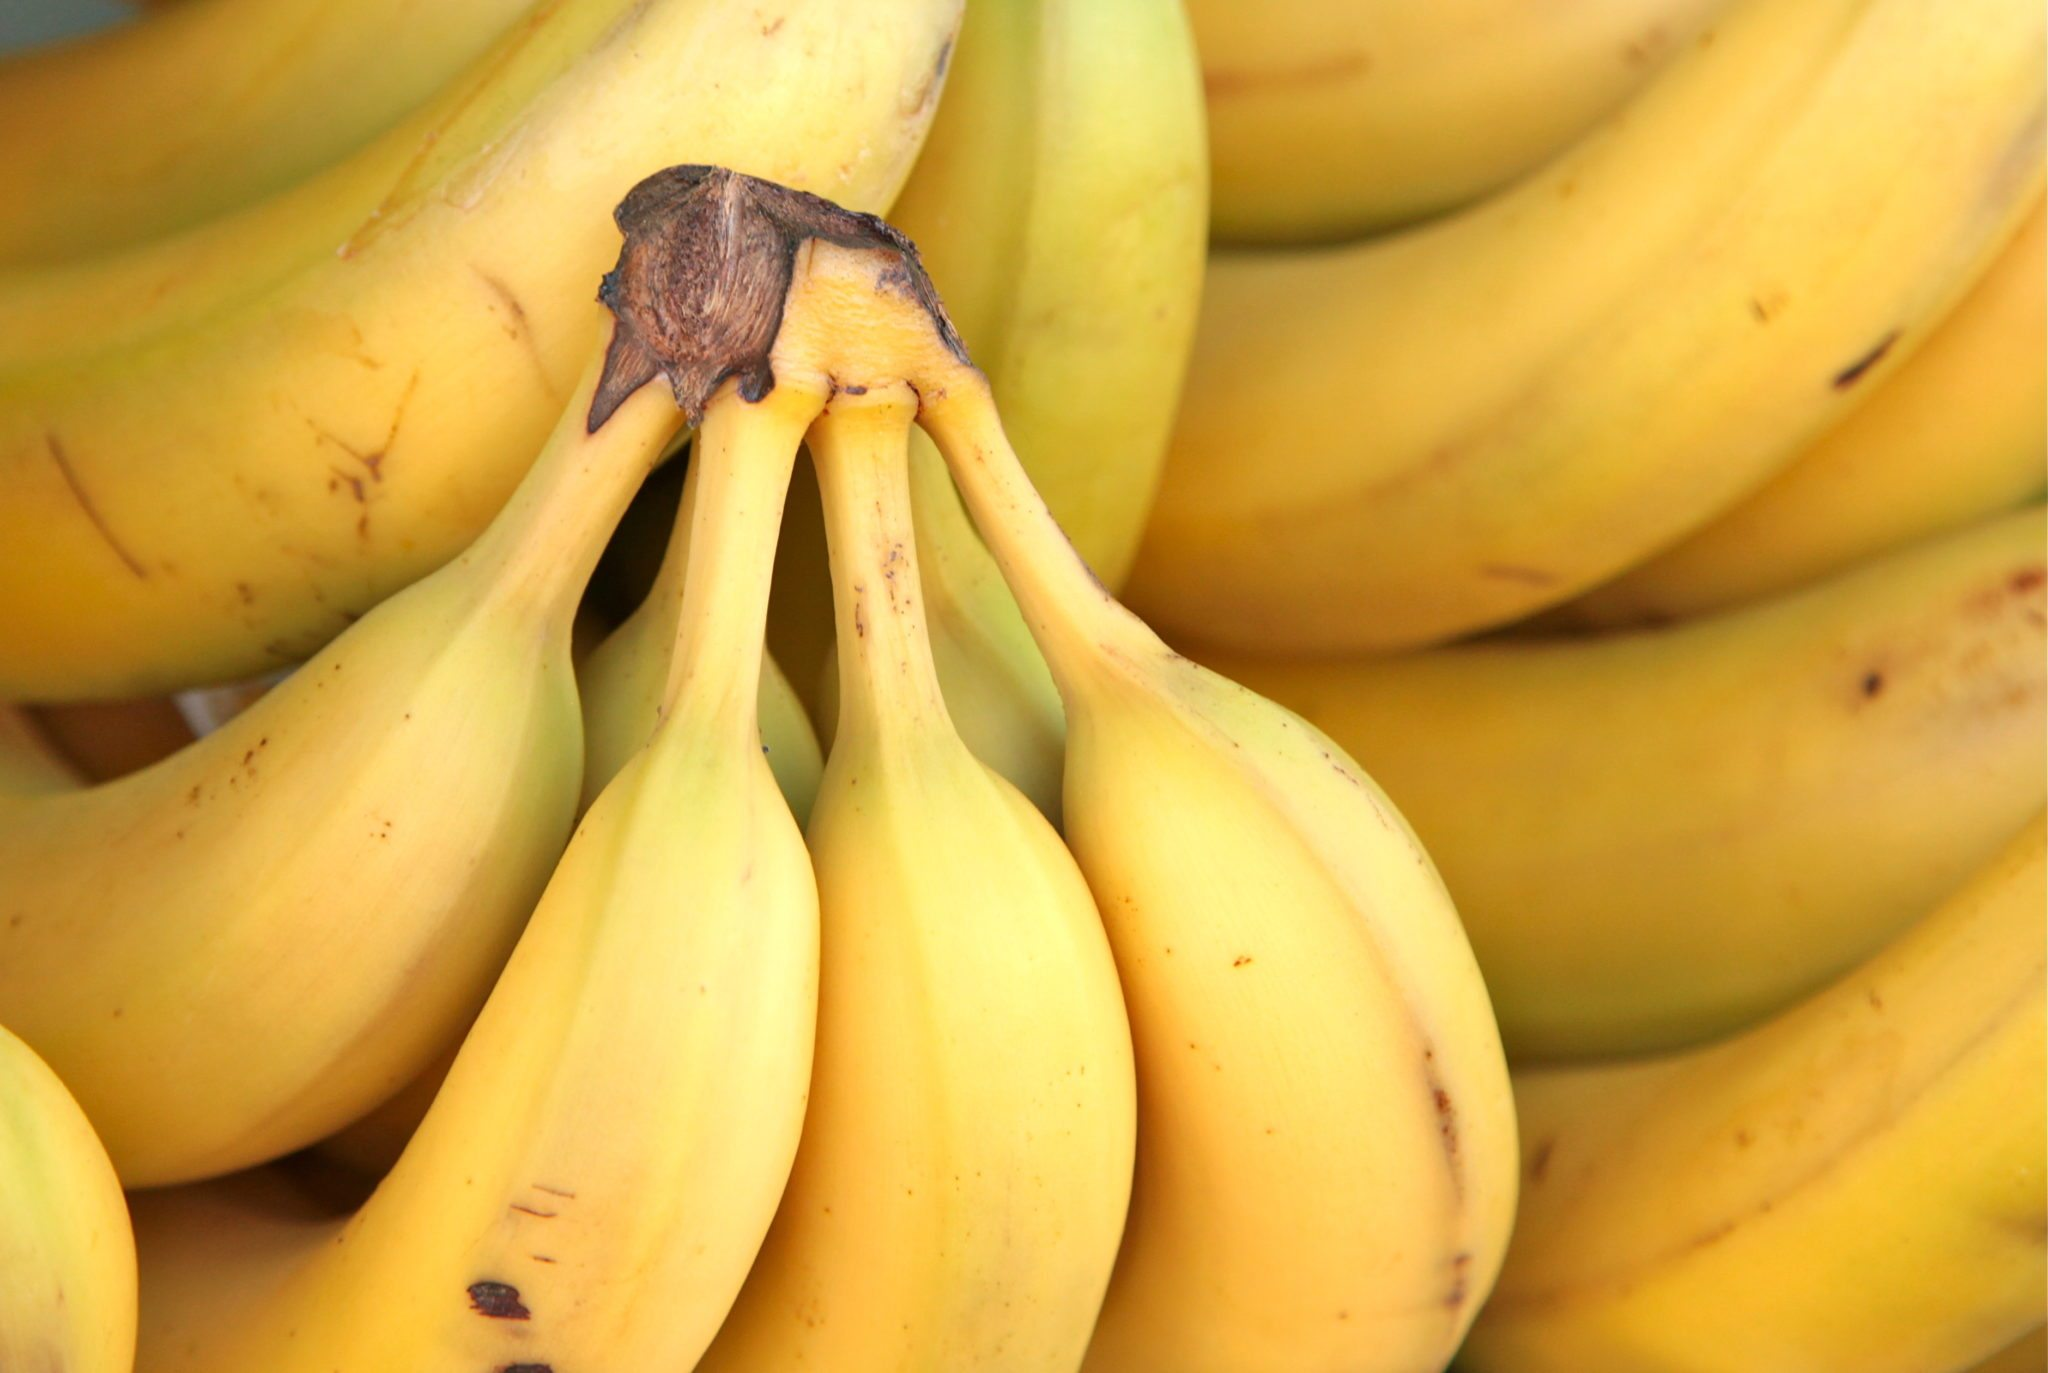 spreco-alimentare-torbakhopper-going-bananas